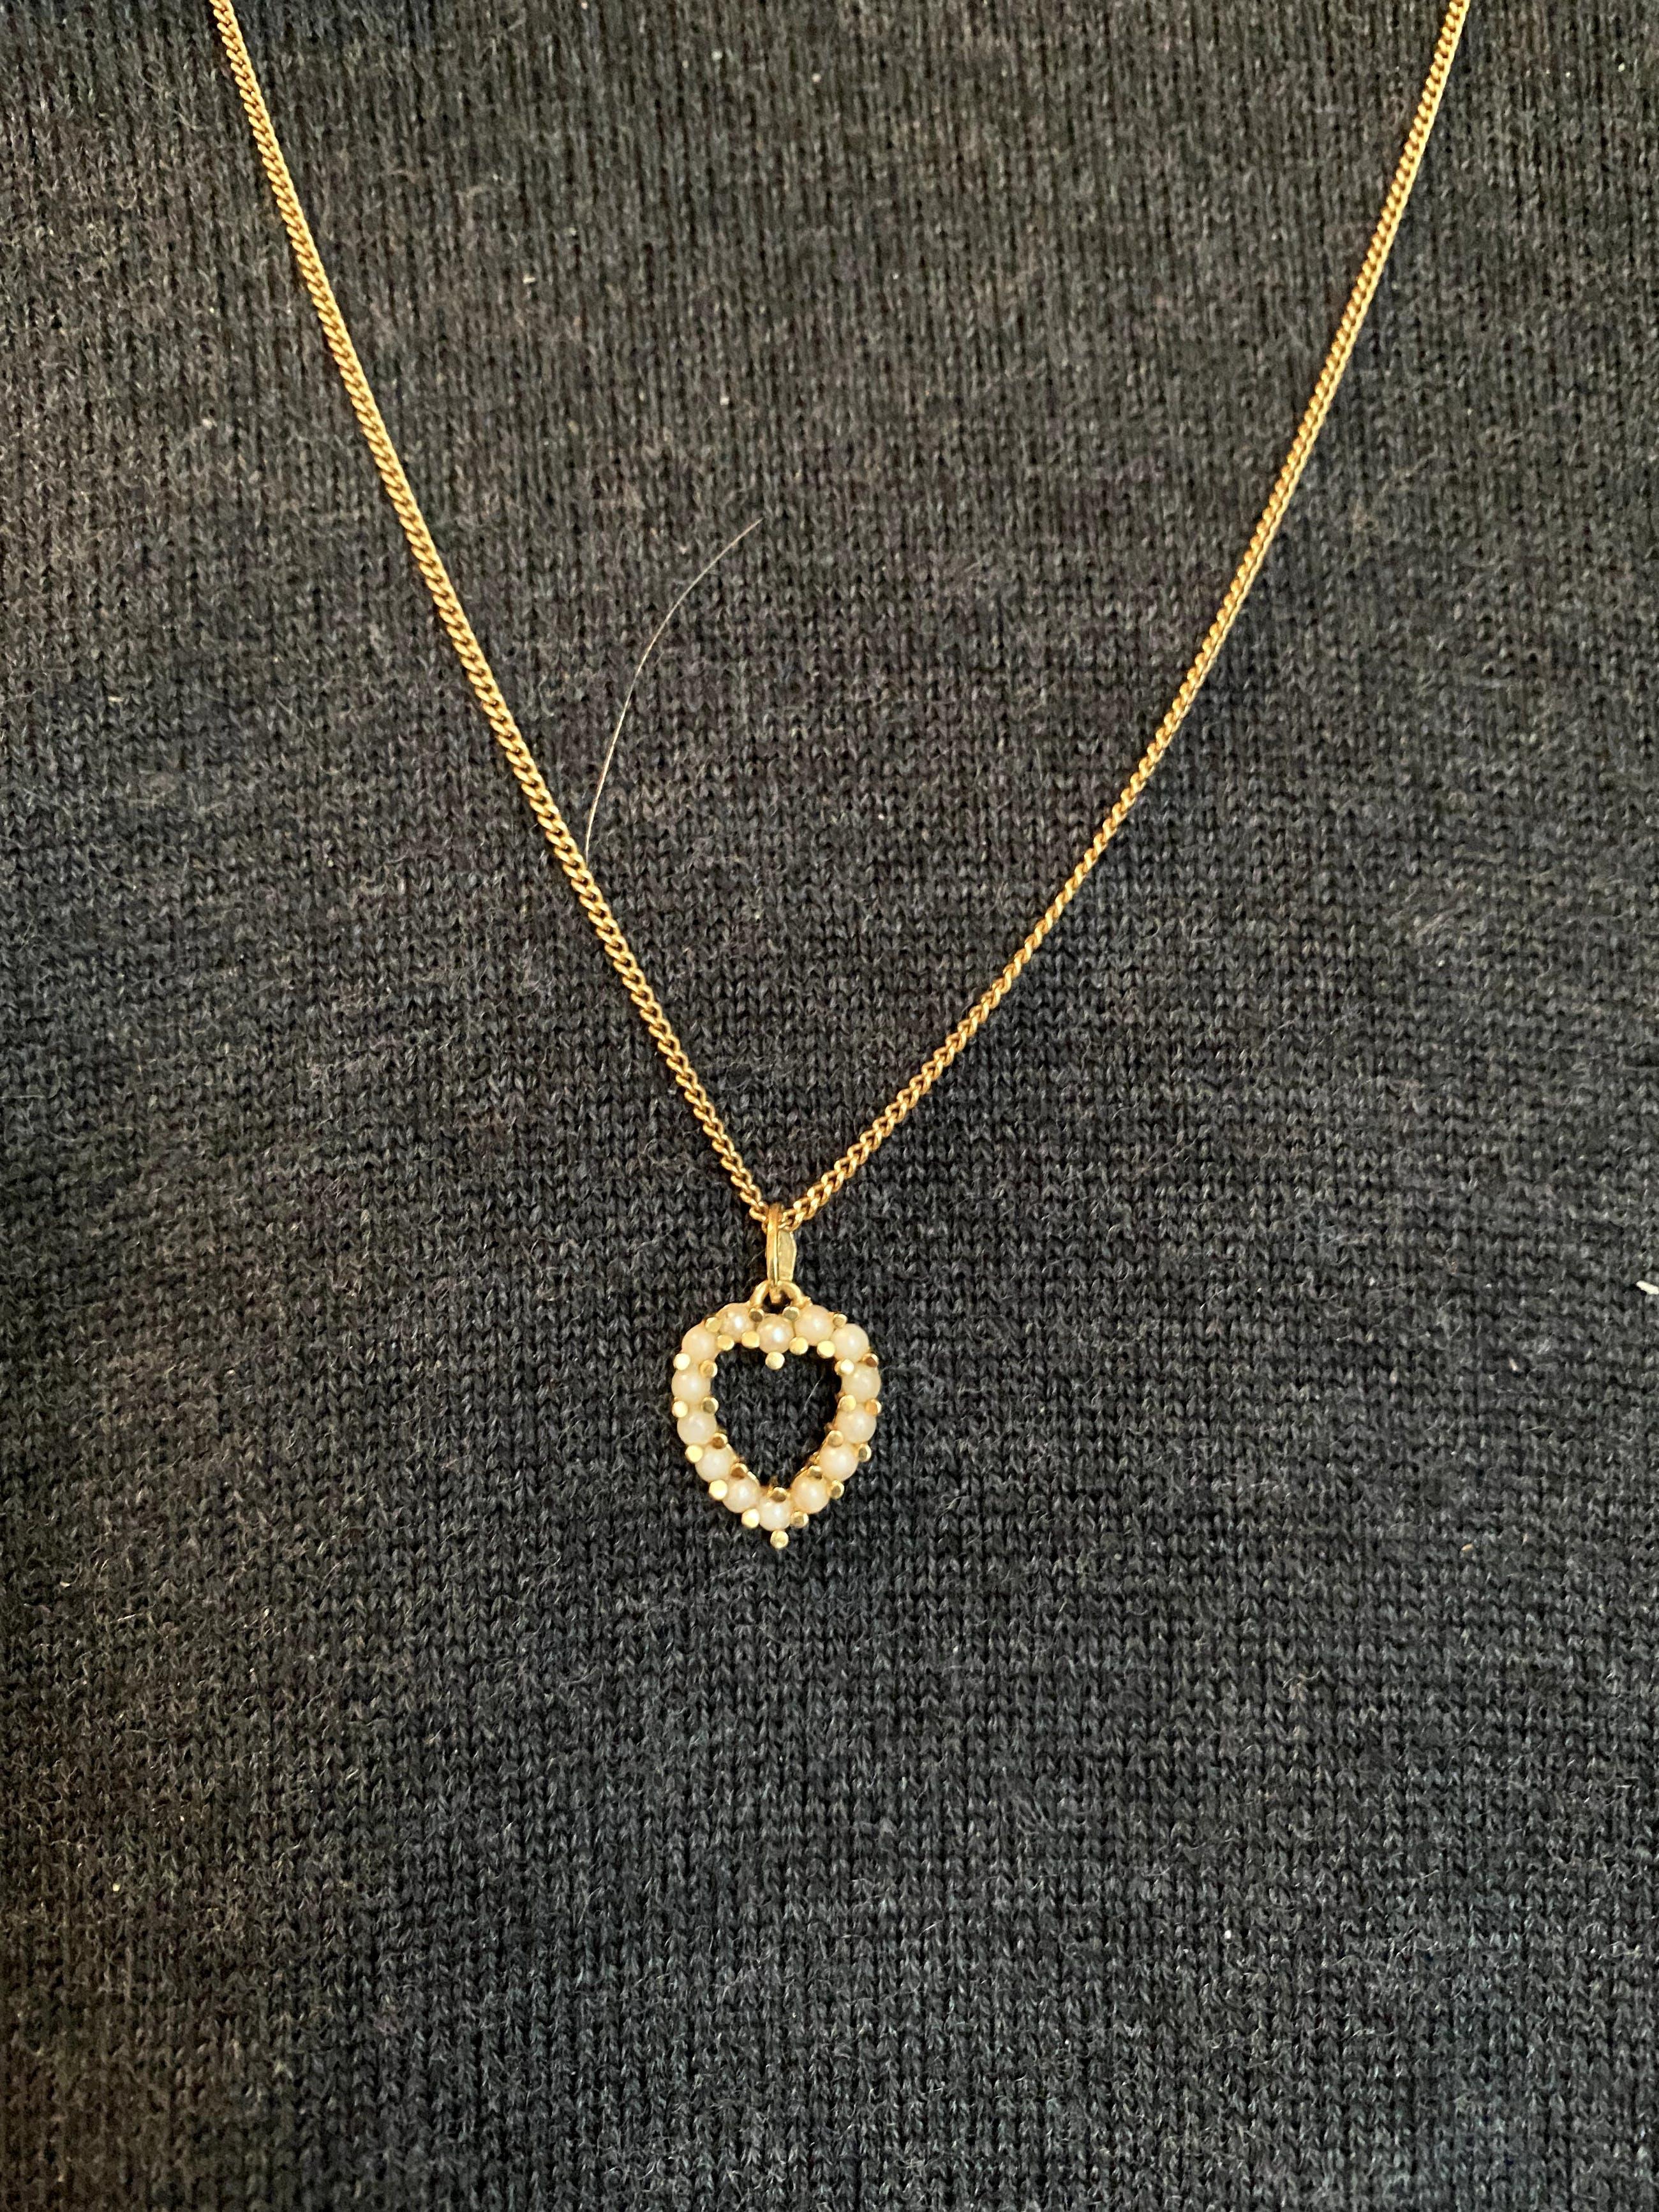 18kt gouden  parel  hart hanger, 1,64 gr.  Ketting wordt niet mee verkocht. kopen? Bied vanaf 50!